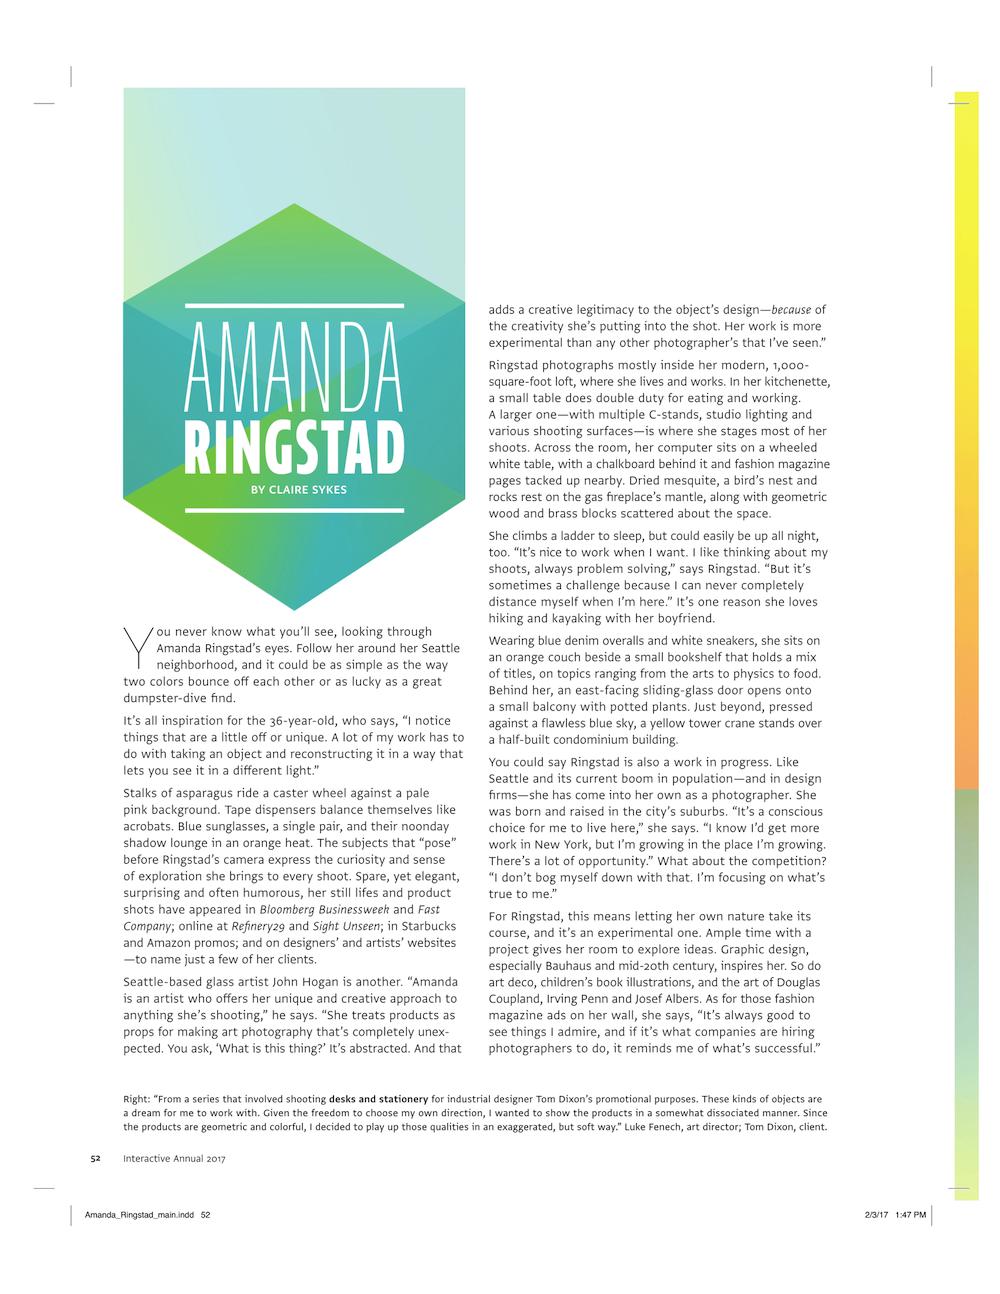 AmandaRingstad-1.png